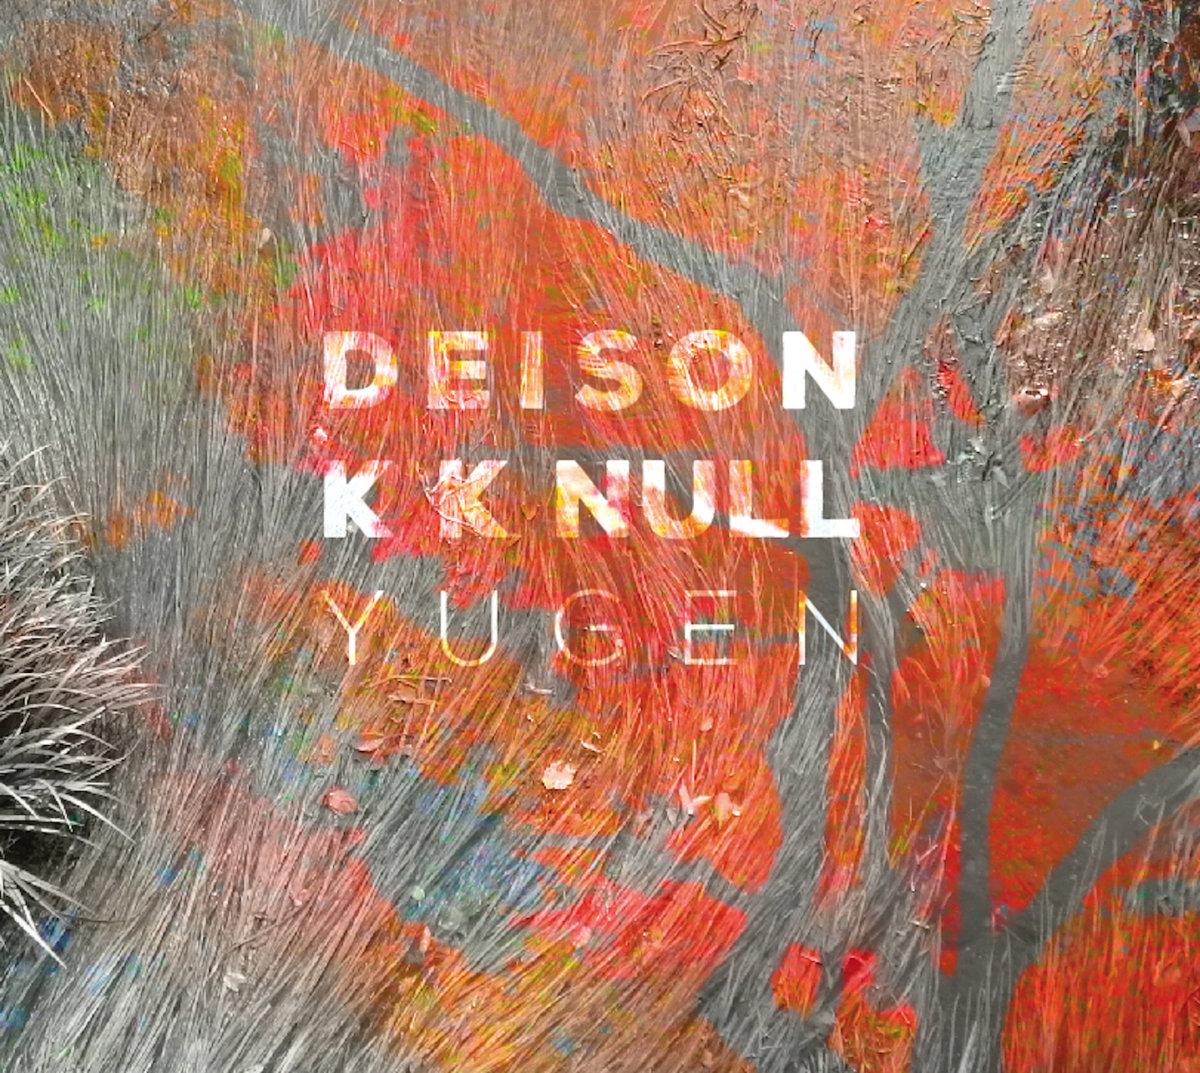 DEISON/KK NULL -Yugen